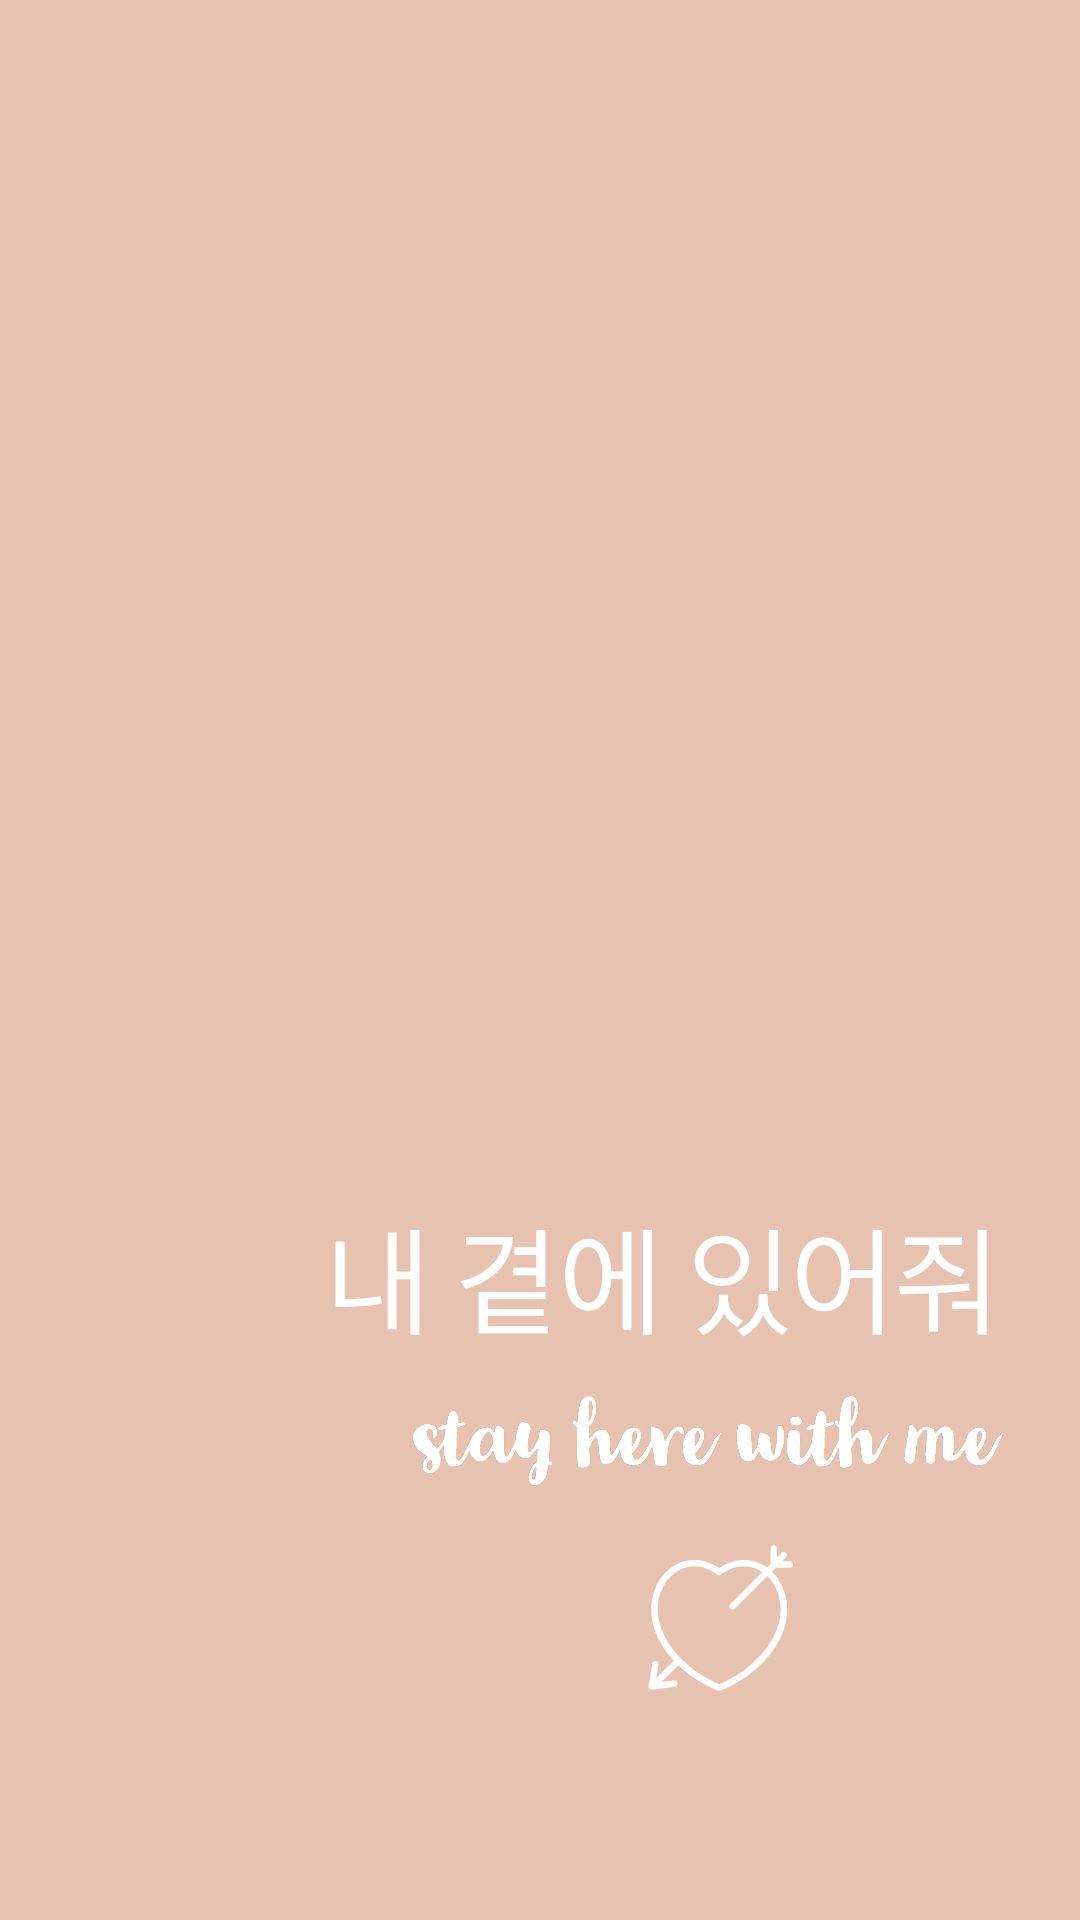 Cute Korean Cute Wallpapers Korean Aesthetic Cute Korean